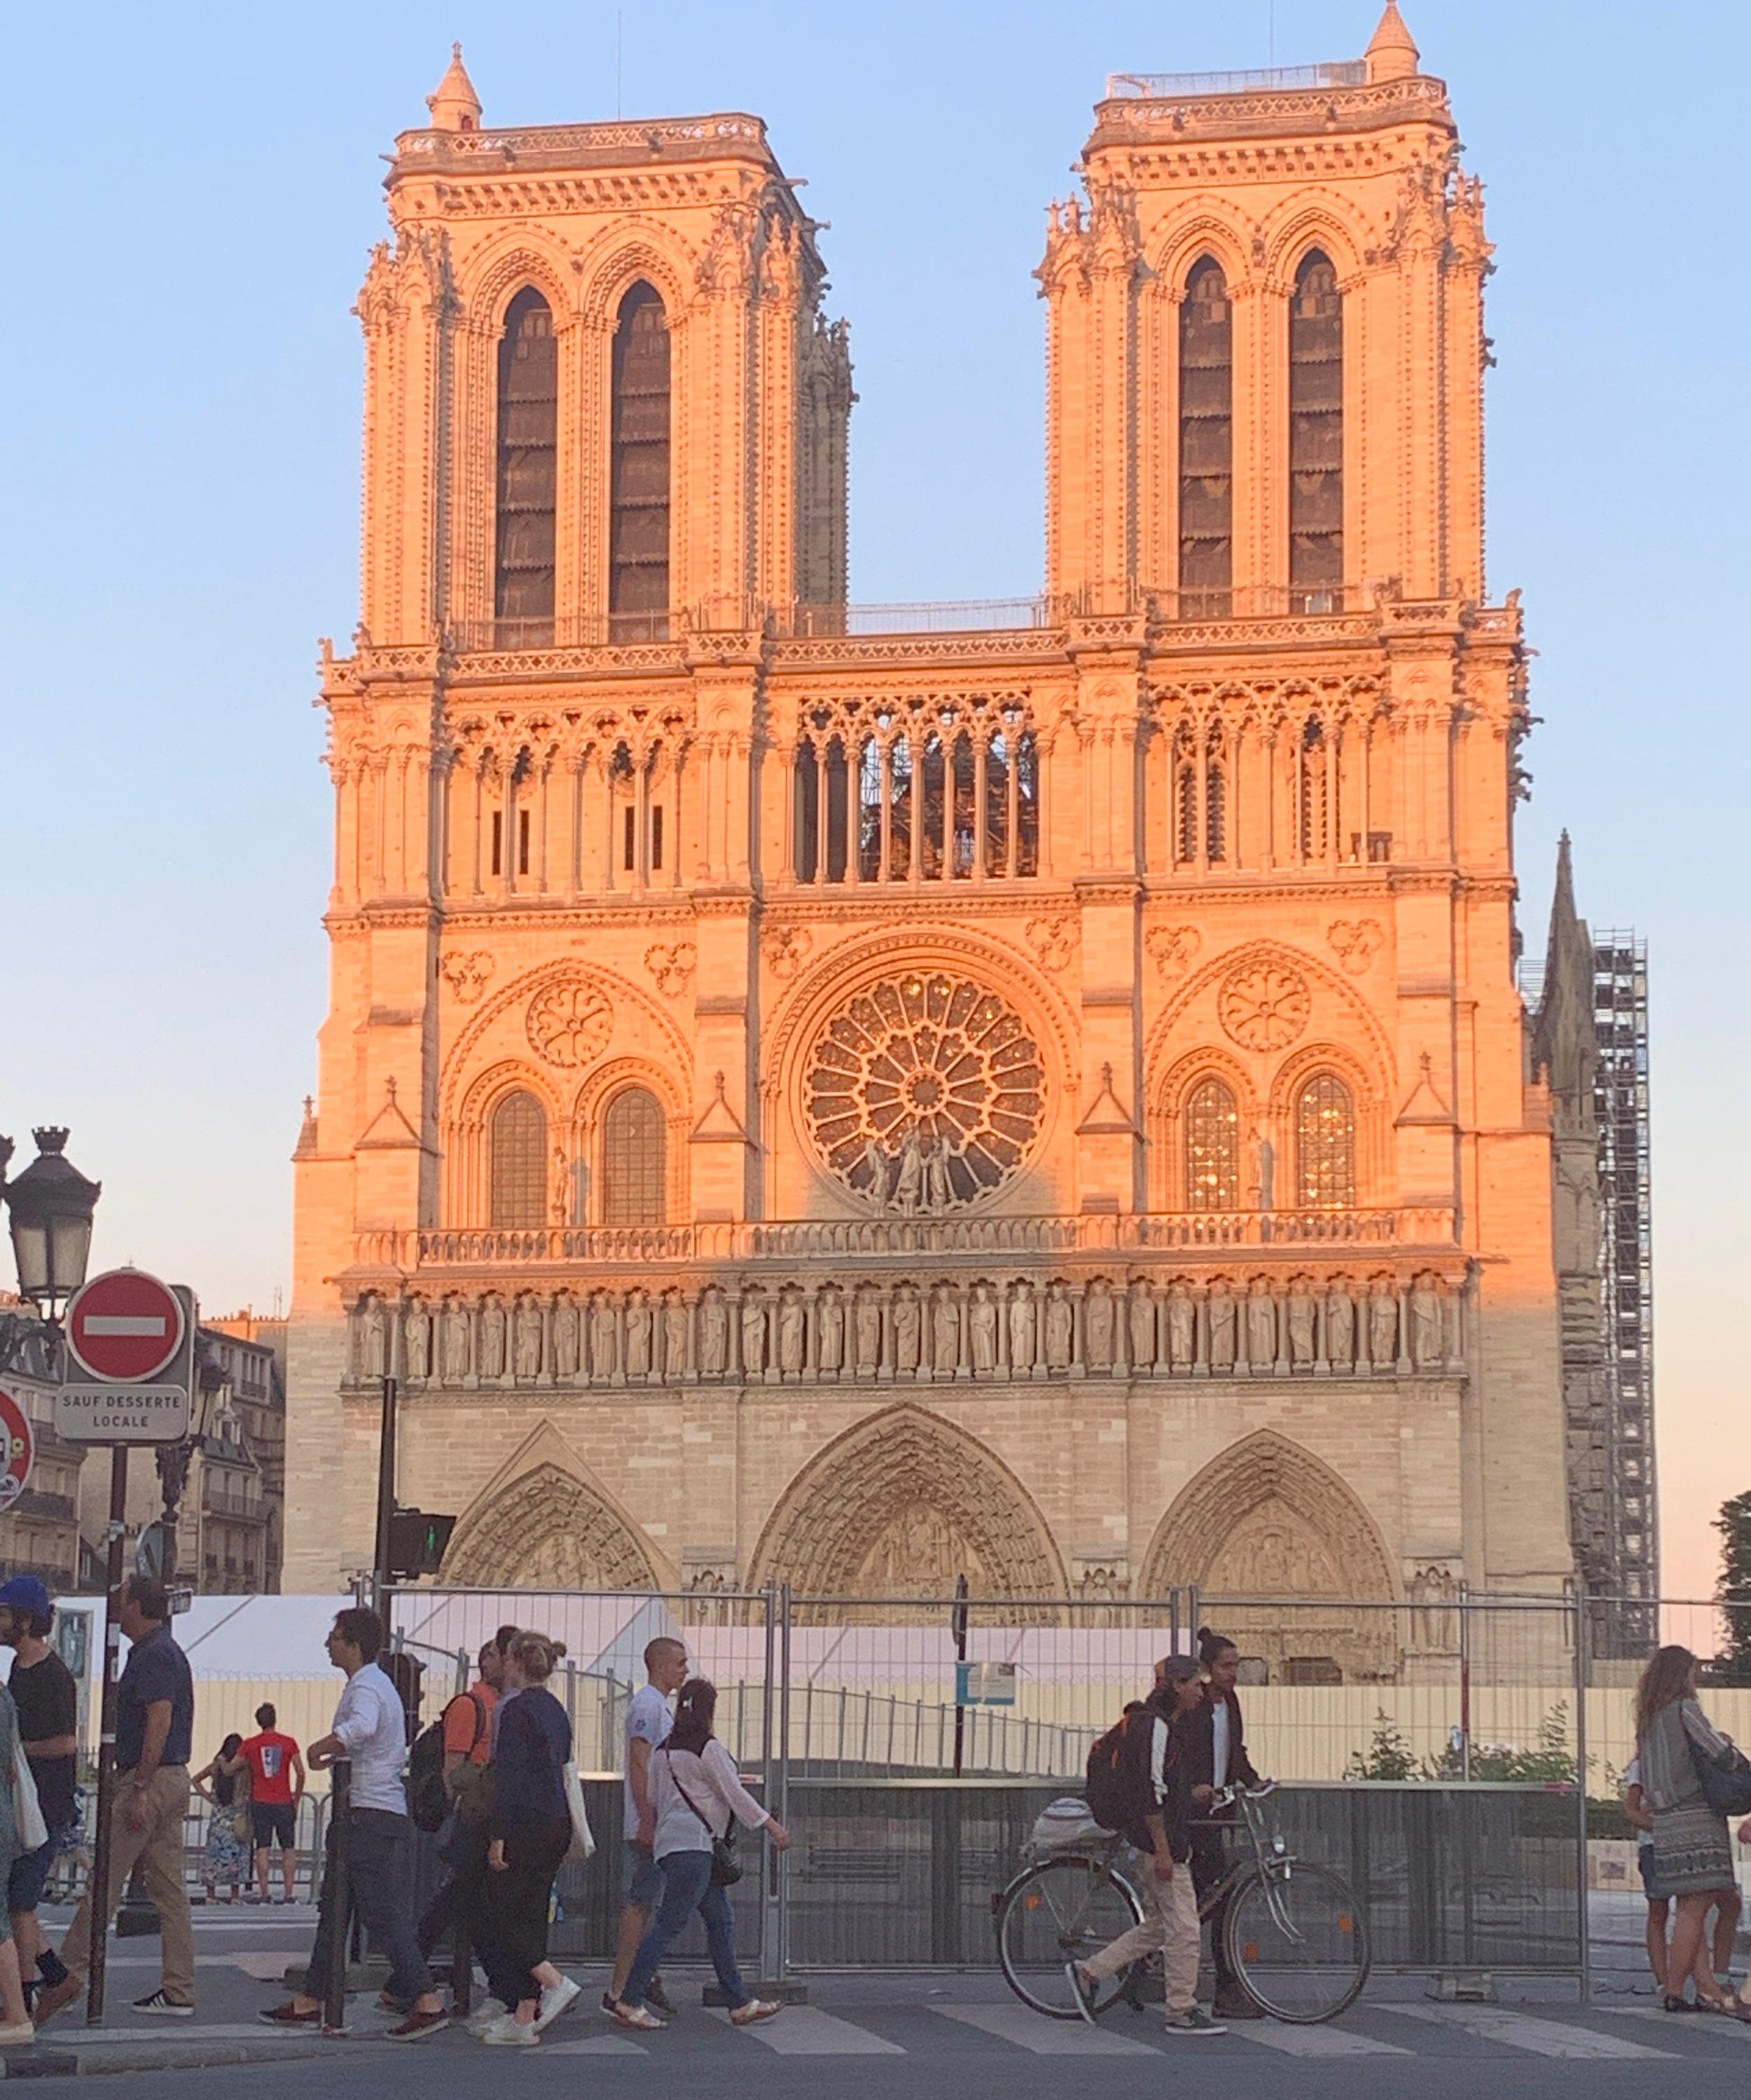 Notre Dame - July 2019